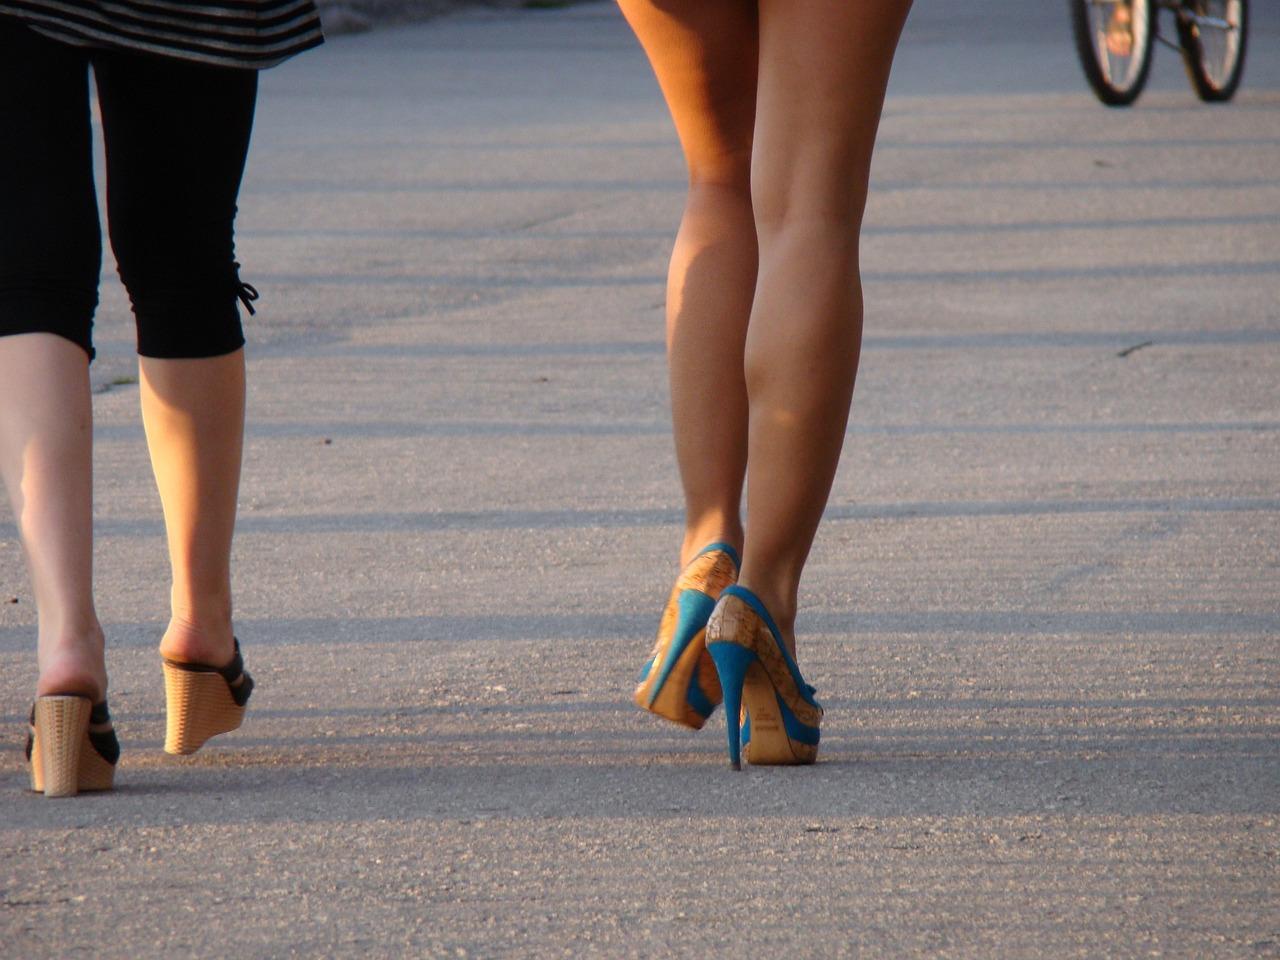 отличии других женские ноги на улицах города летом фото кремовая текстура